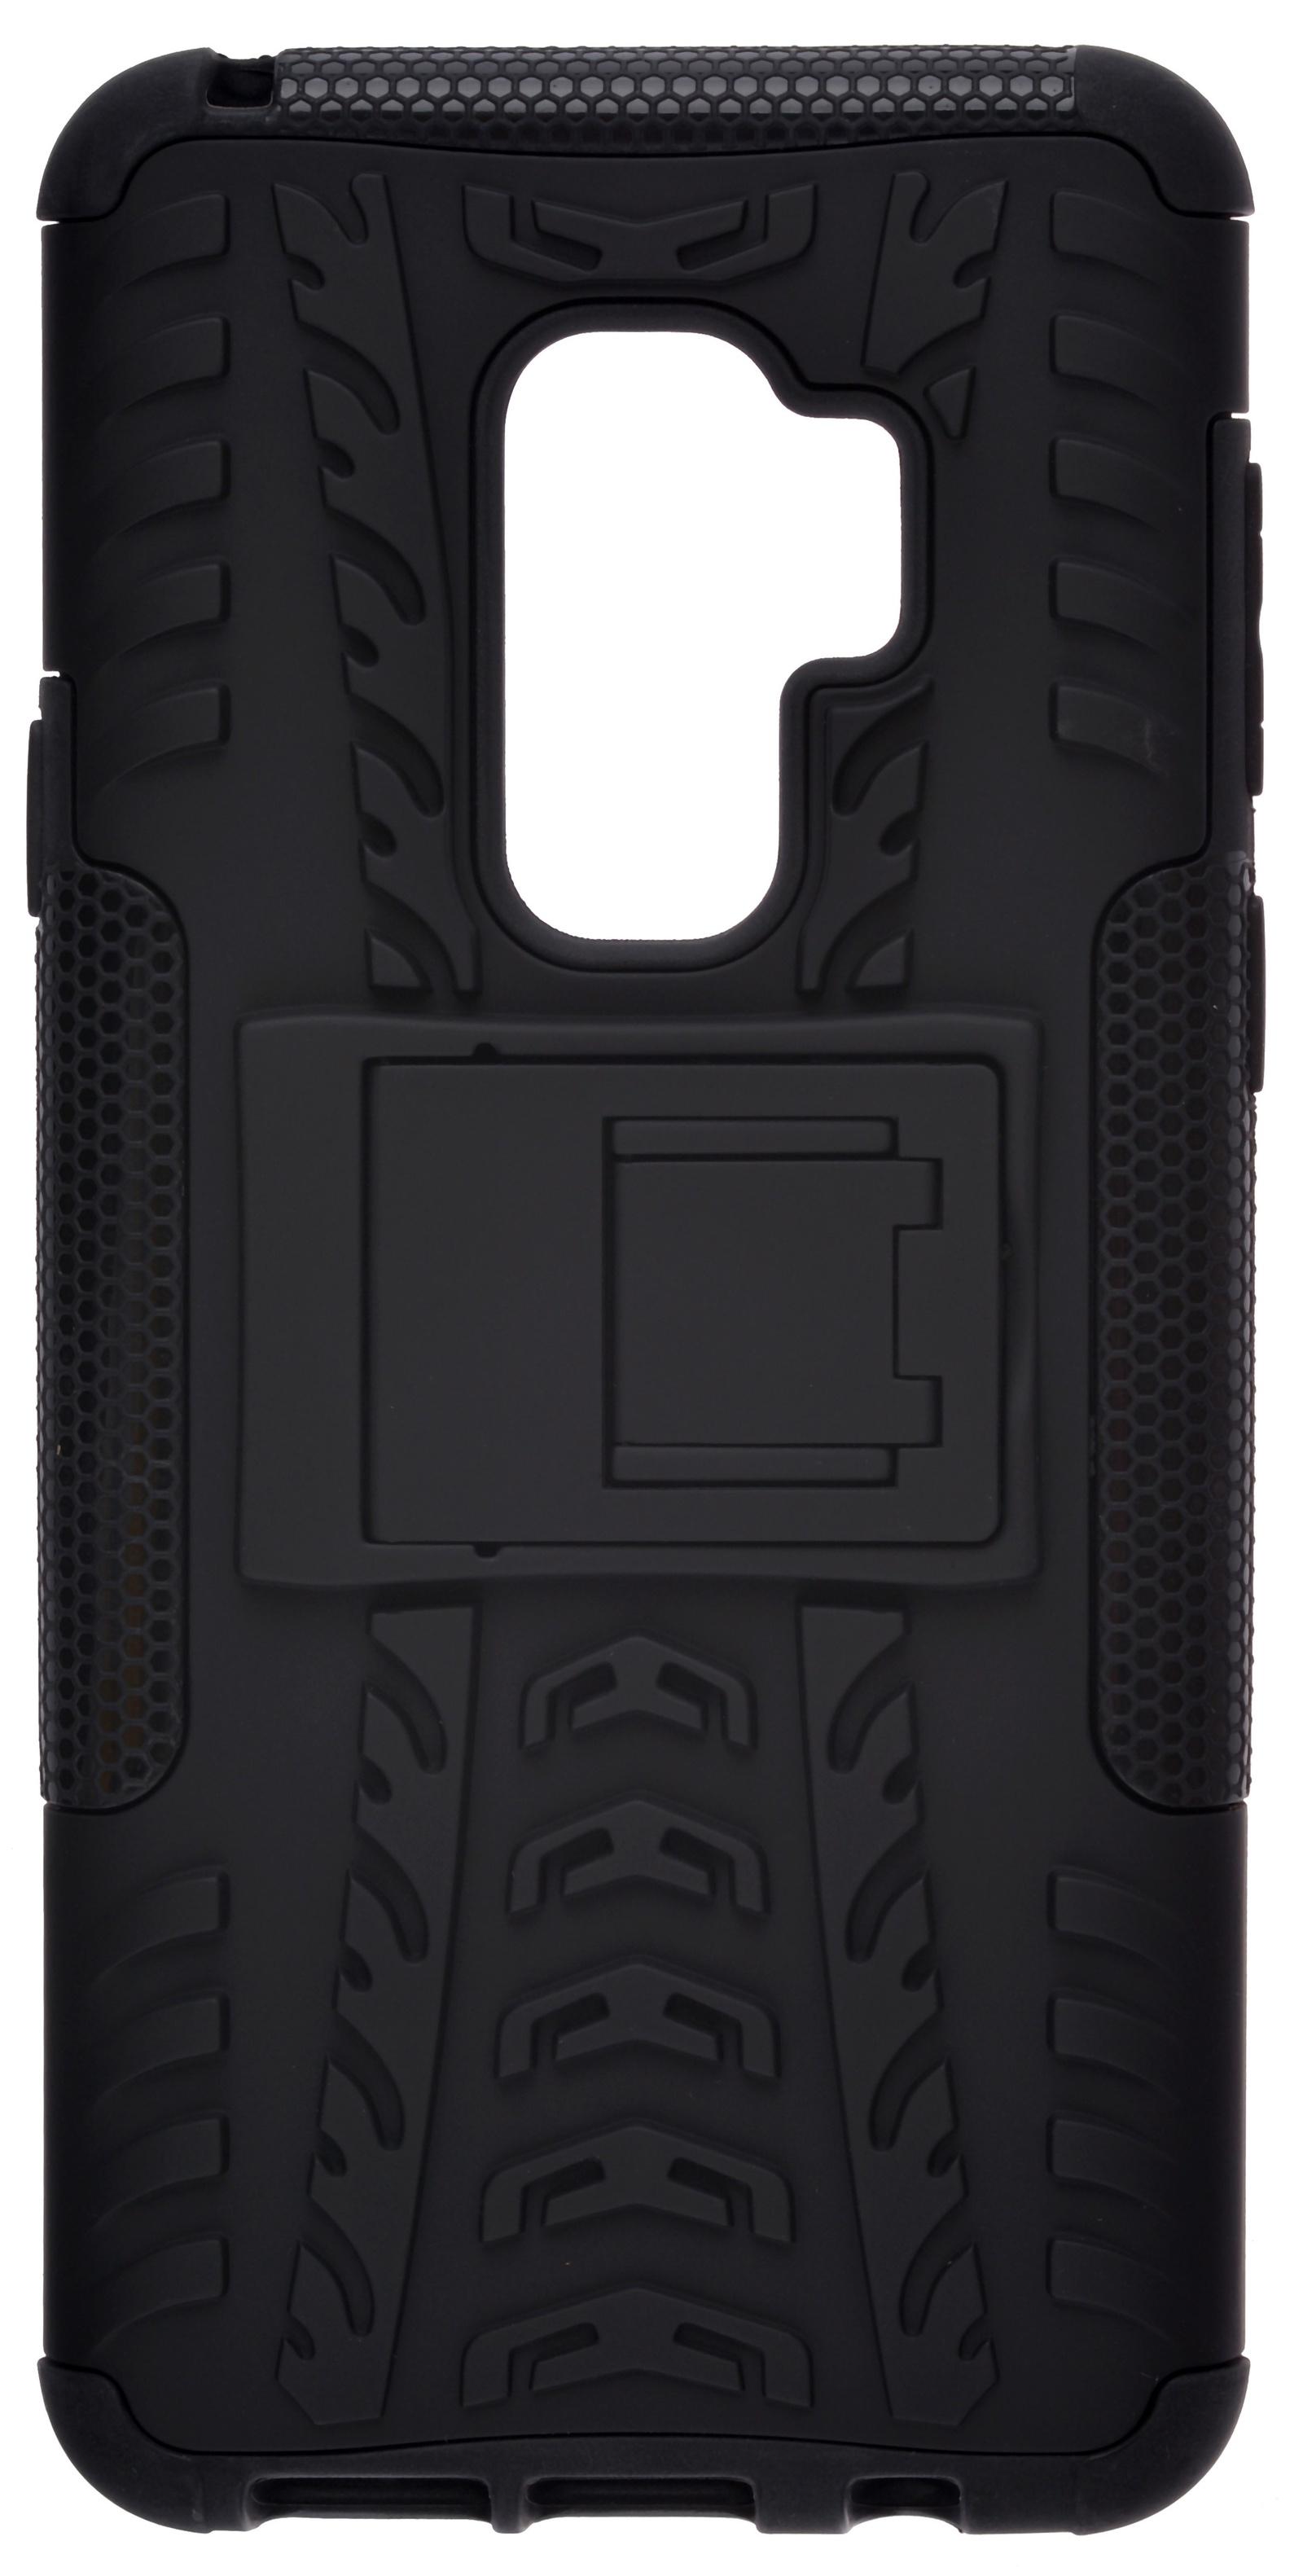 Накладка Skinbox Defender для Samsung Galaxy S9 Plus, 4630042520660, черный